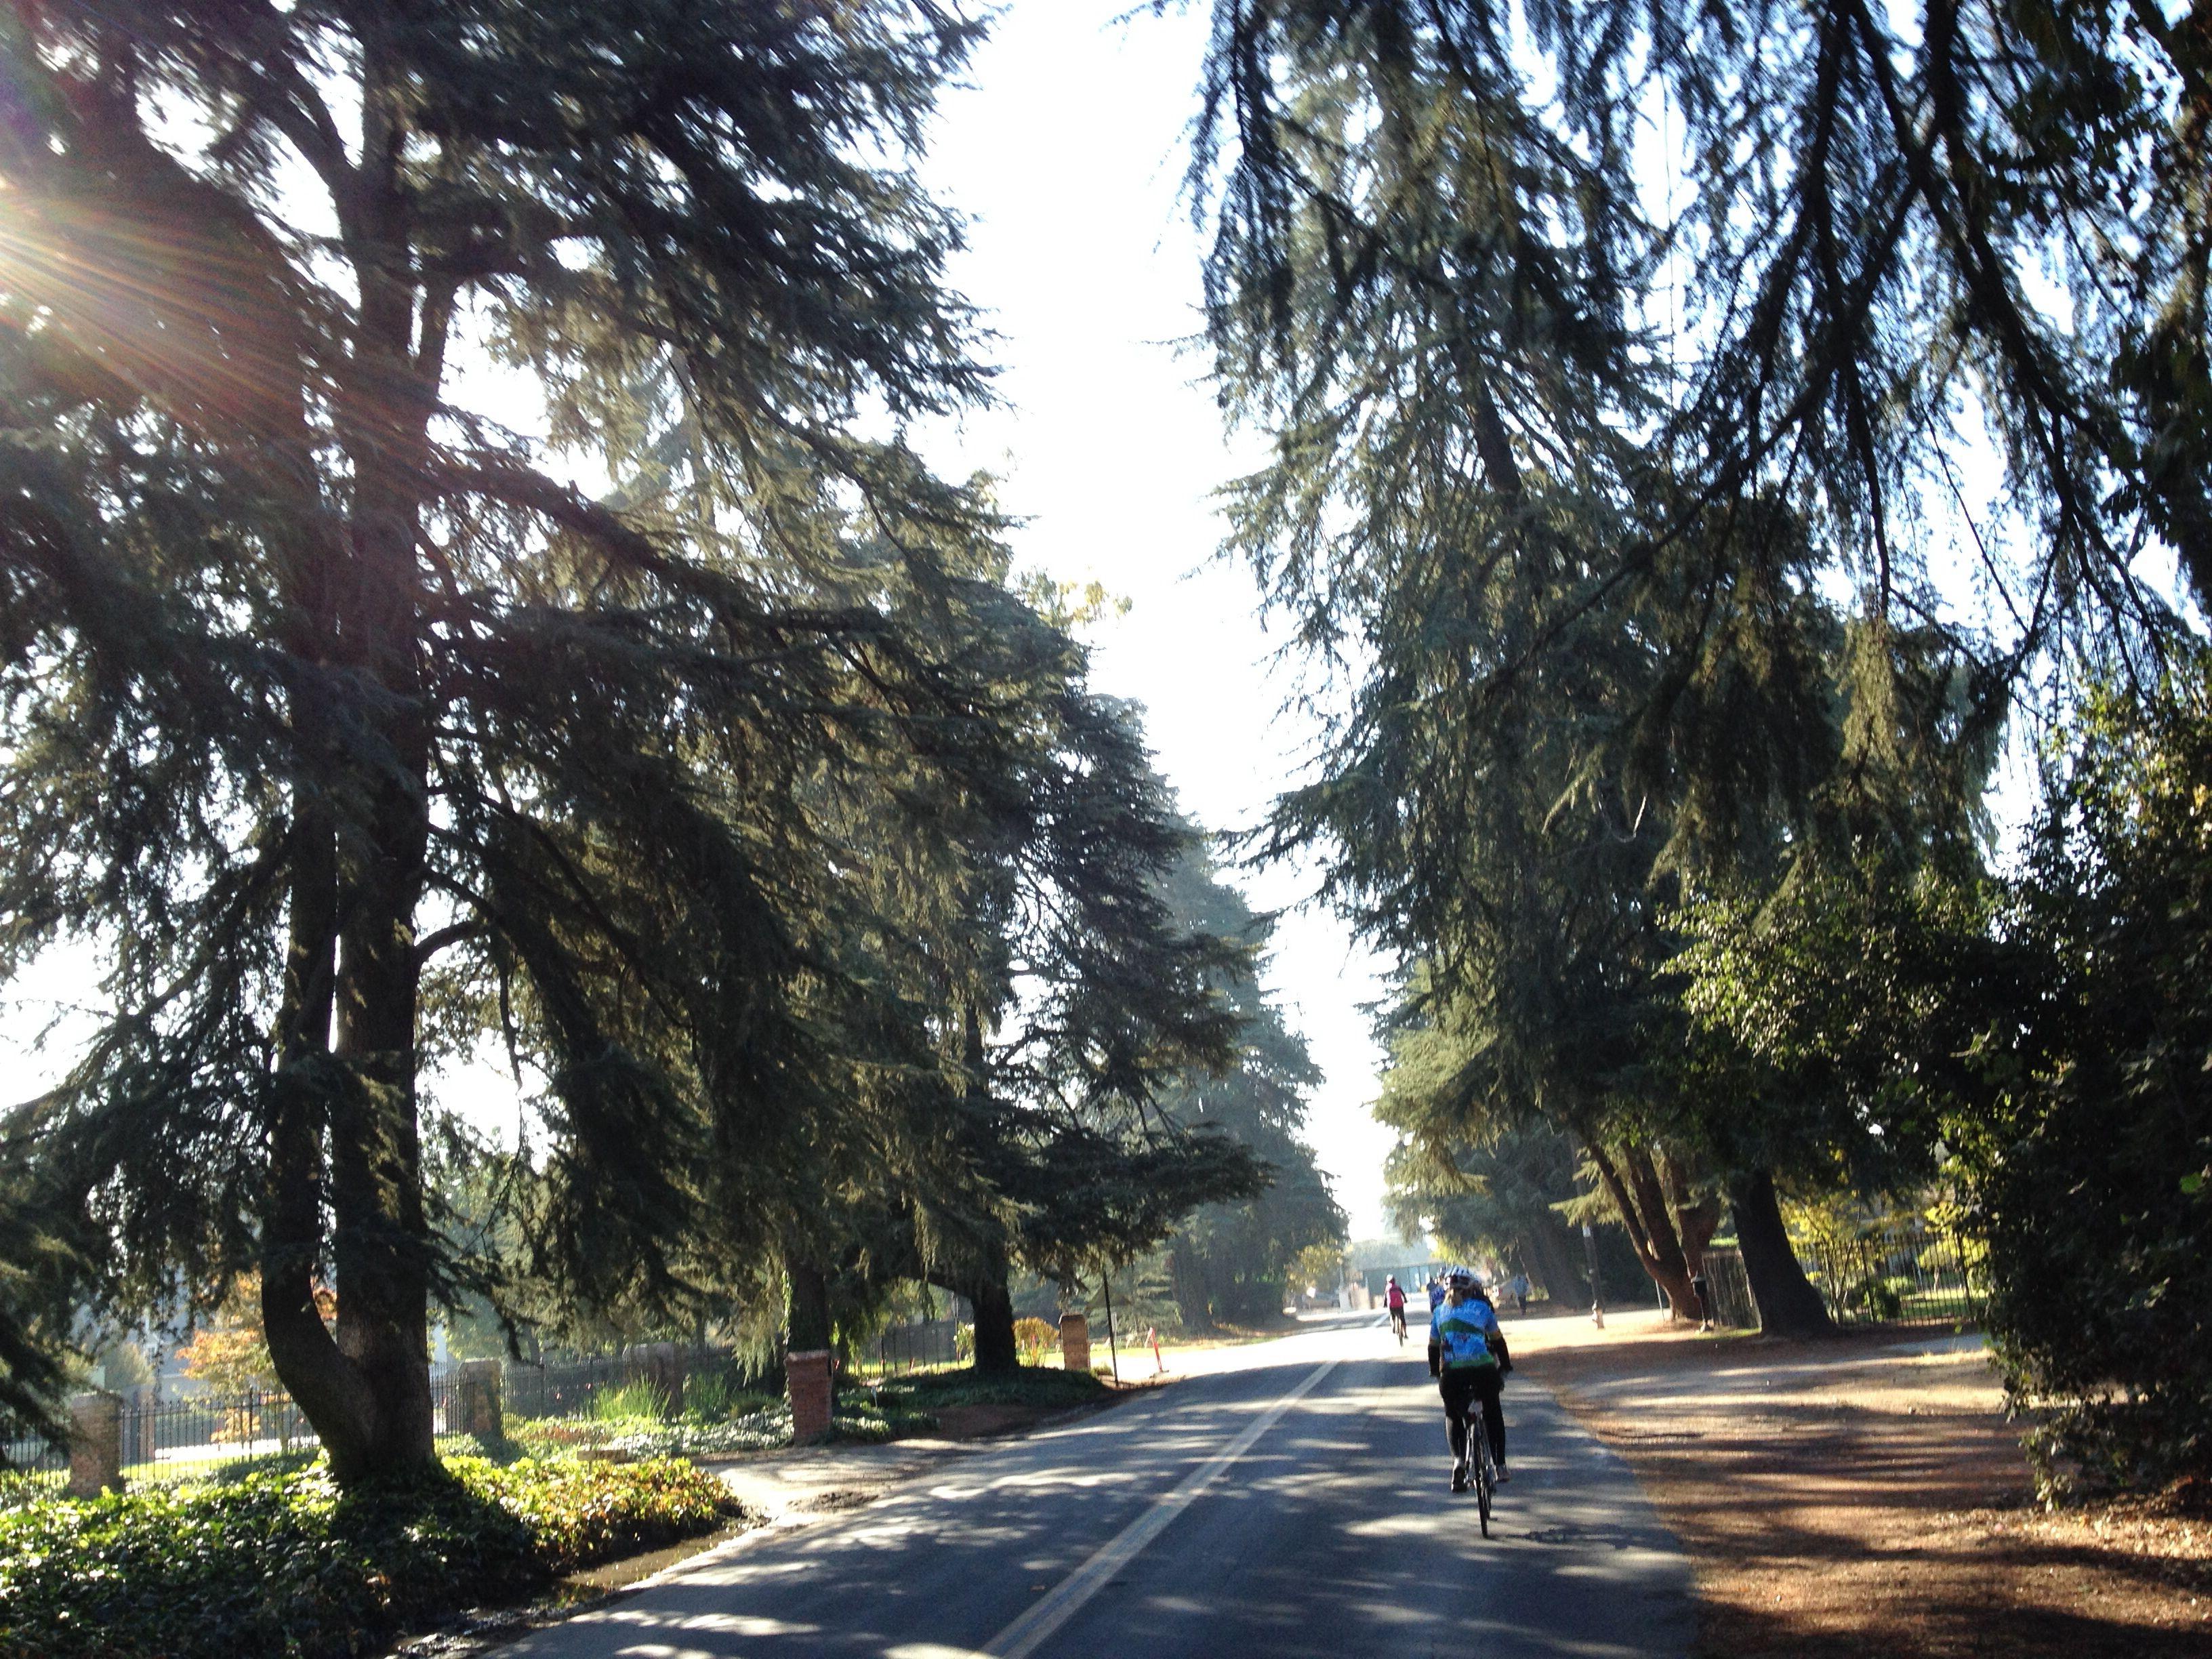 Christmas Tree Lane, Fresno Fresno california, Fresno